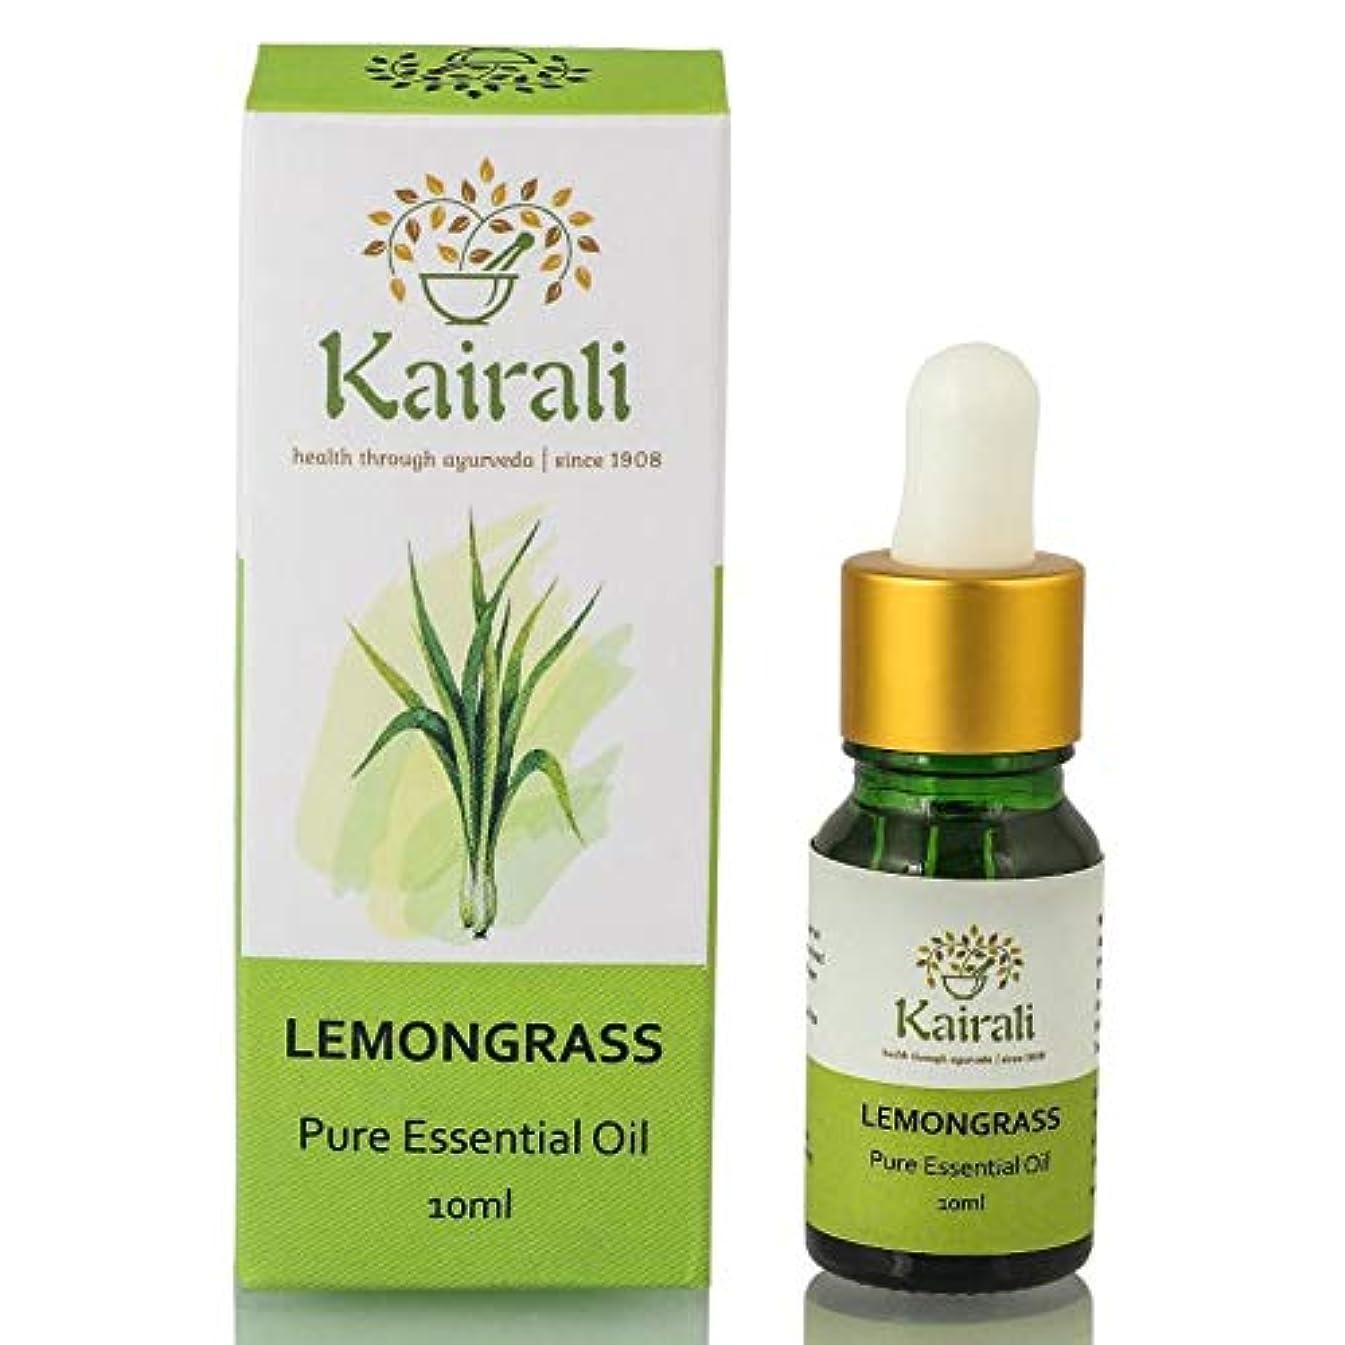 繁栄する味わう毒液カイラリ エッセンシャルオイル レモングラス 10ml(天然100%精油)Kairali アロマオイル